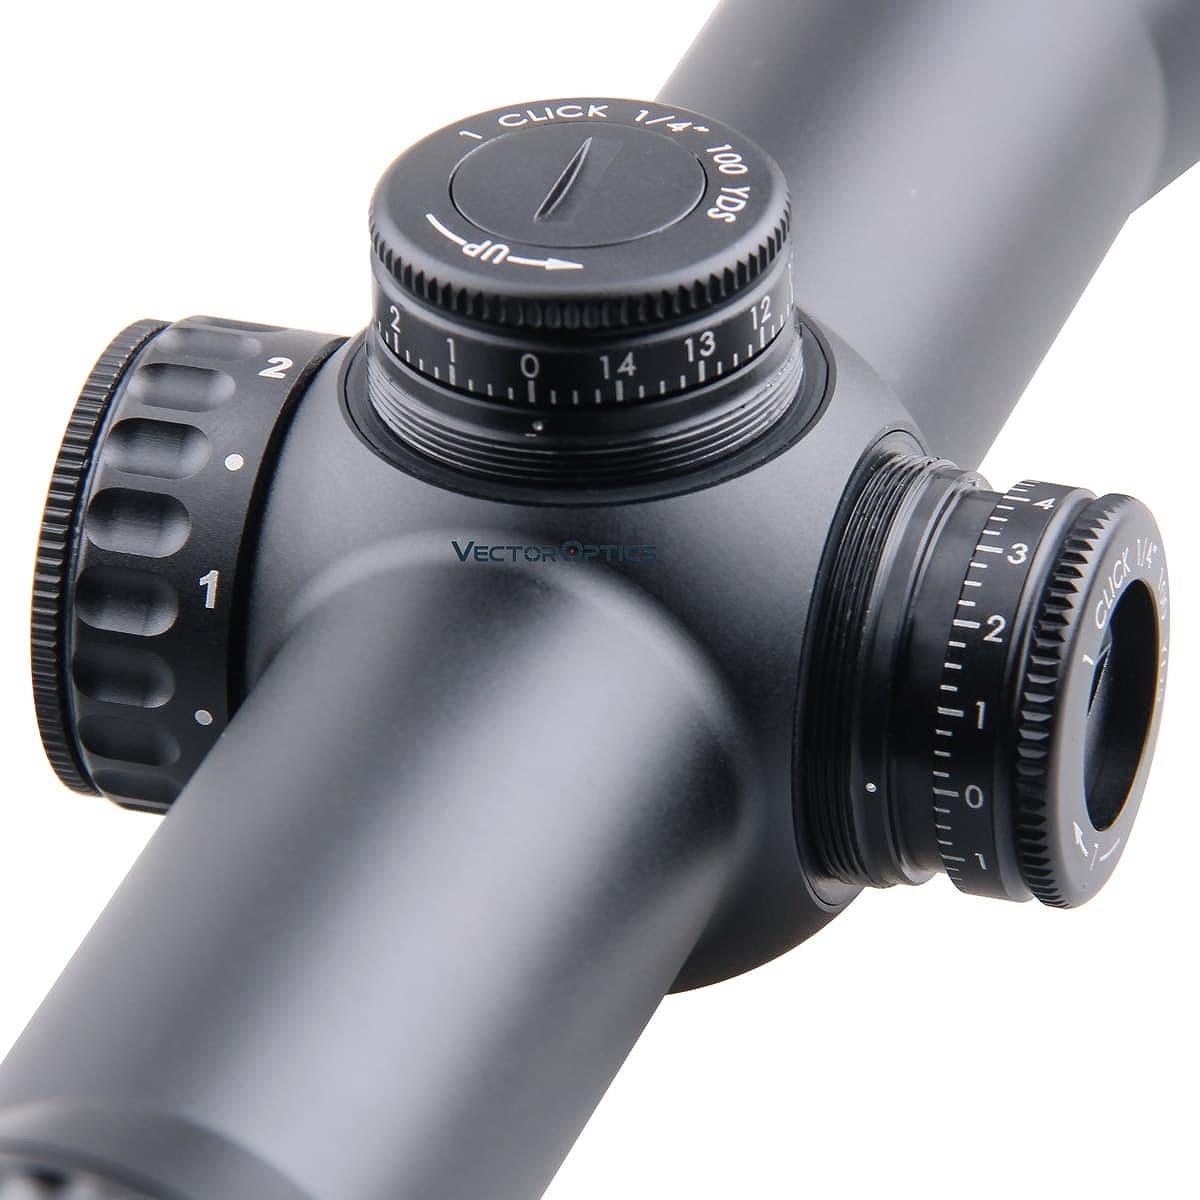 【お届け予定日: 3月30日】ベクターオプティクス ライフルスコープ Continental 1.5-9x42  Vector Optics SCOM-23